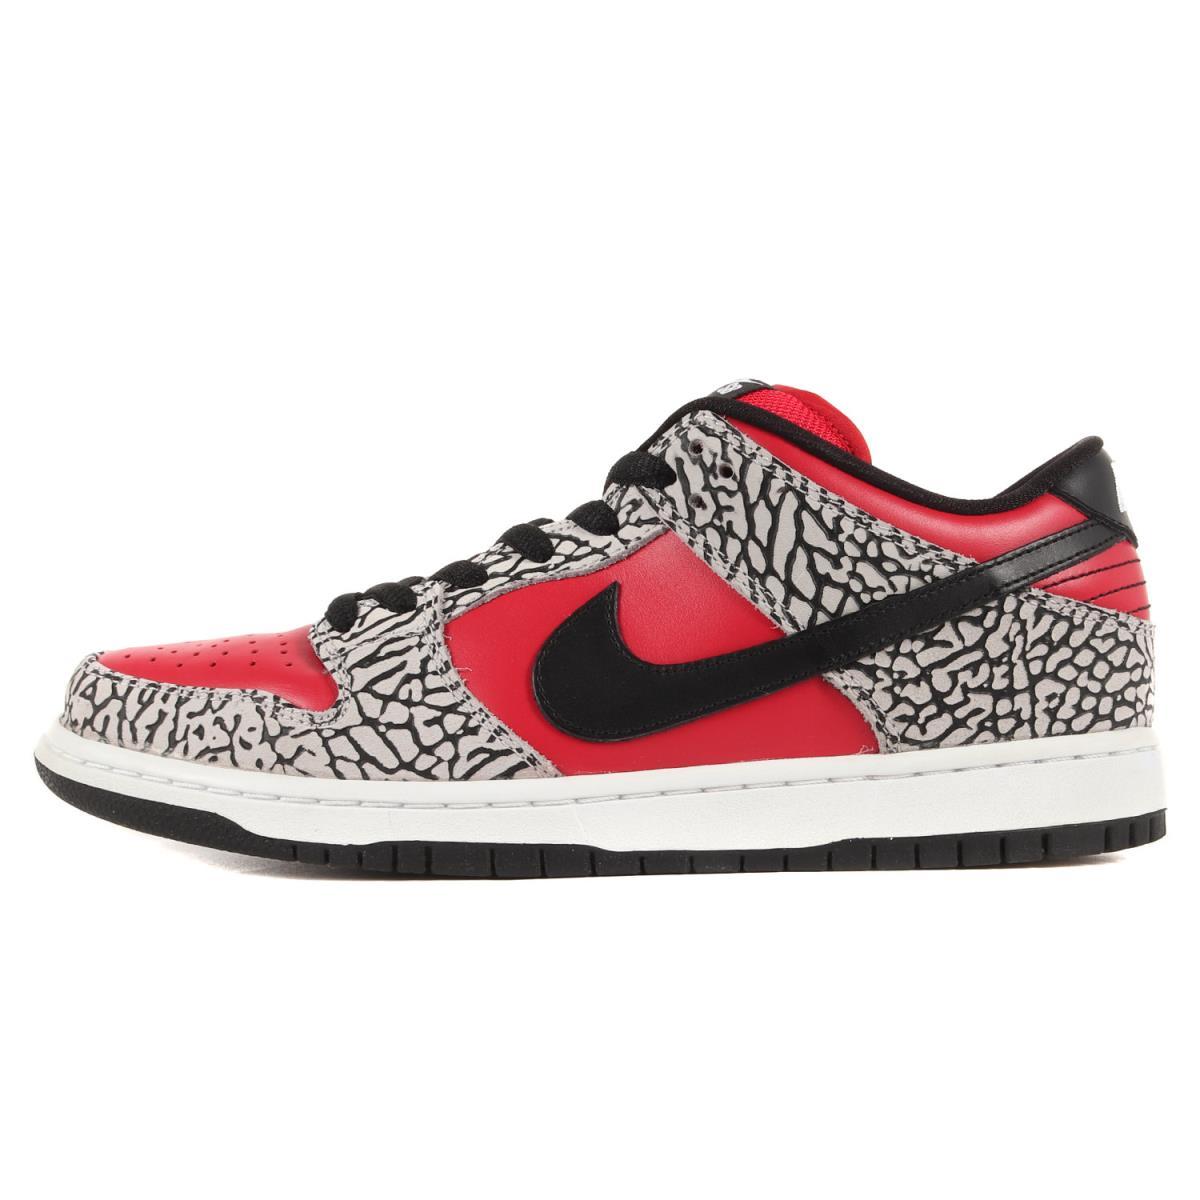 メンズ靴, スニーカー Supreme NIKE DUNK LOW PREMIUM SB 313170-600 12SS SB US10(28cm) K3132